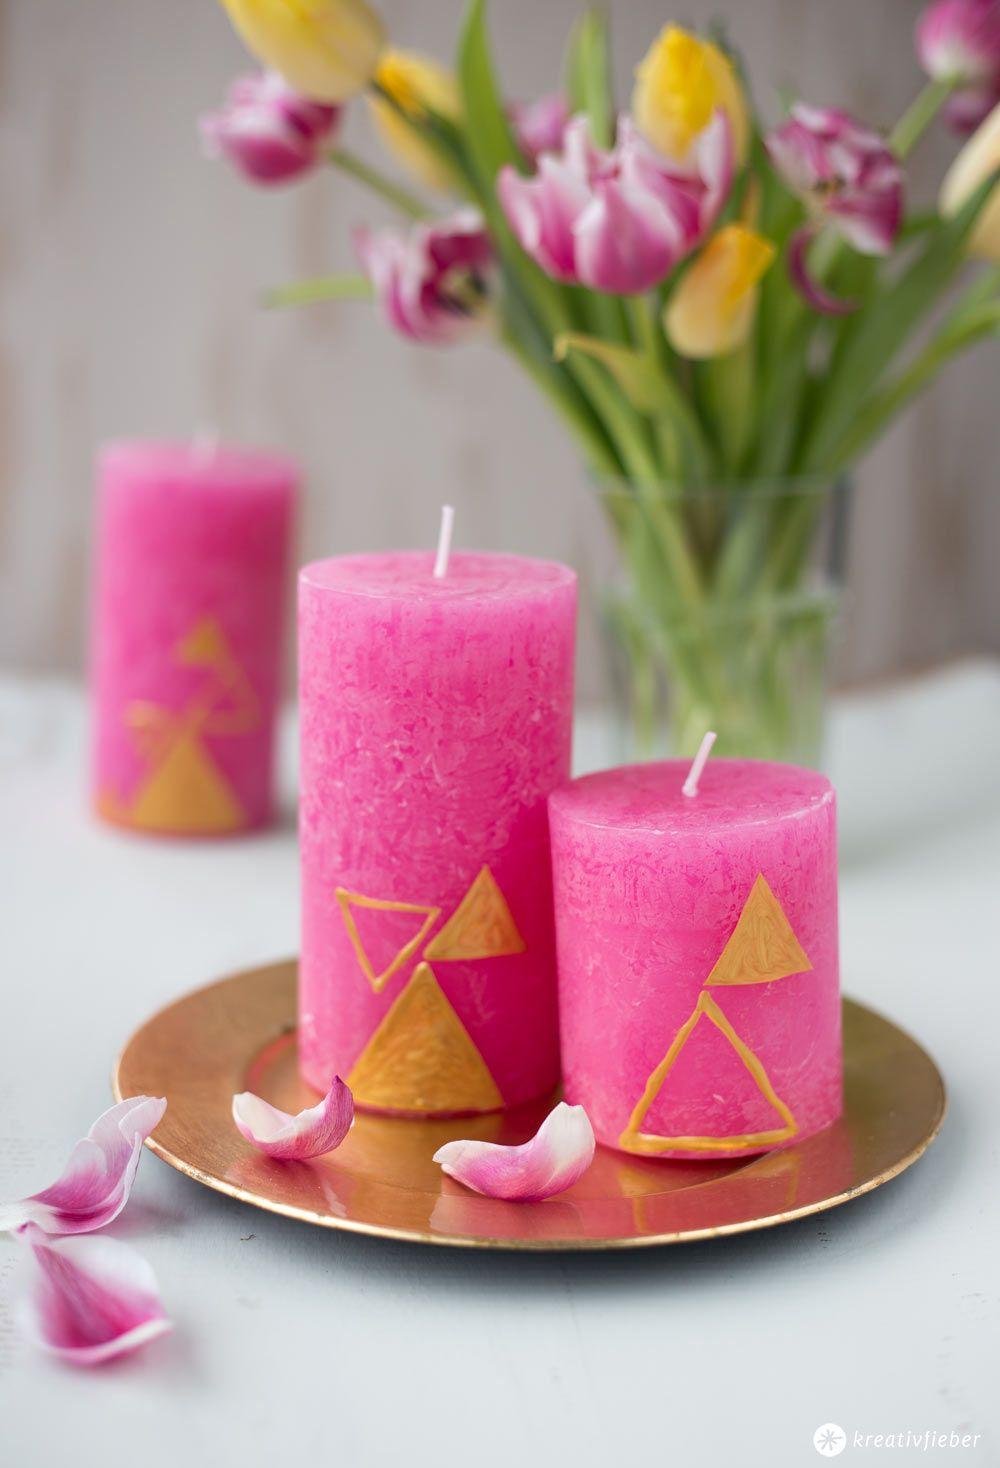 Design Diy Candles 3 Variants Diy Kerzen Gestalten Kerzen